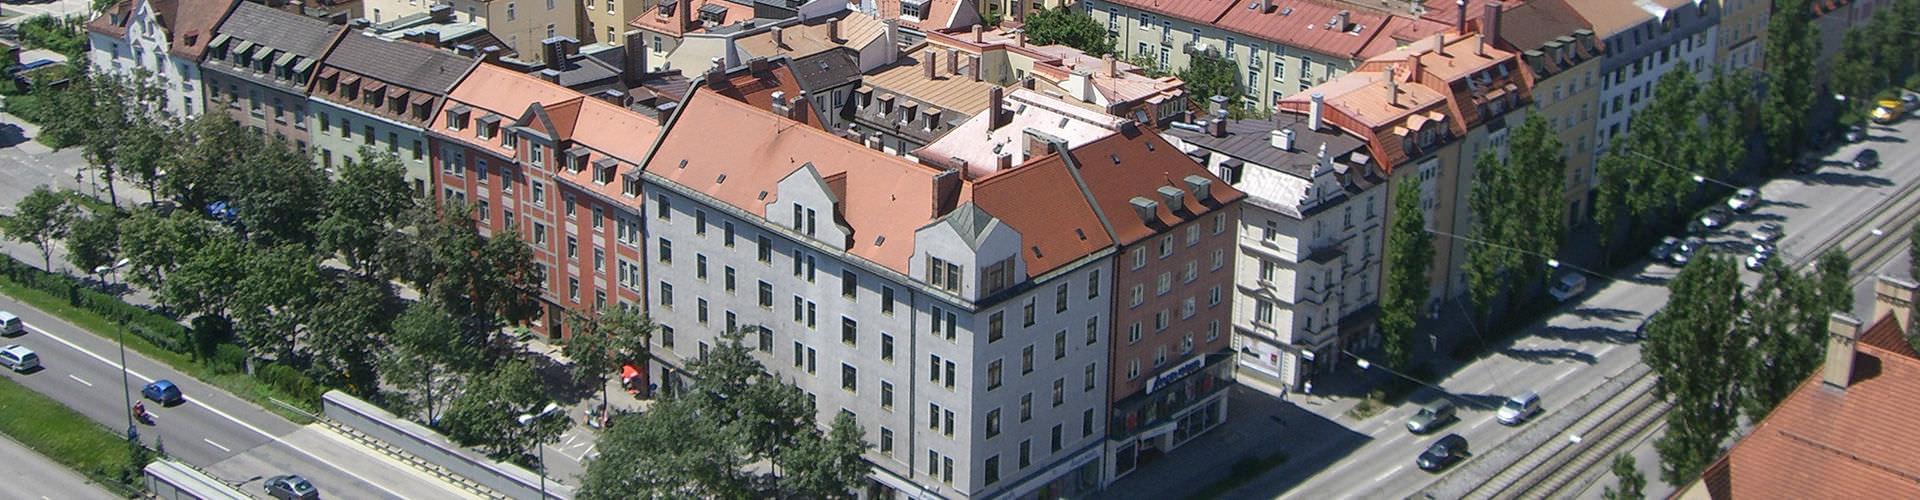 Munich - Chambres pas chères dans le quartier de Westend. Cartes pour Munich, photos et commentaires pour chaque chambre à Munich.